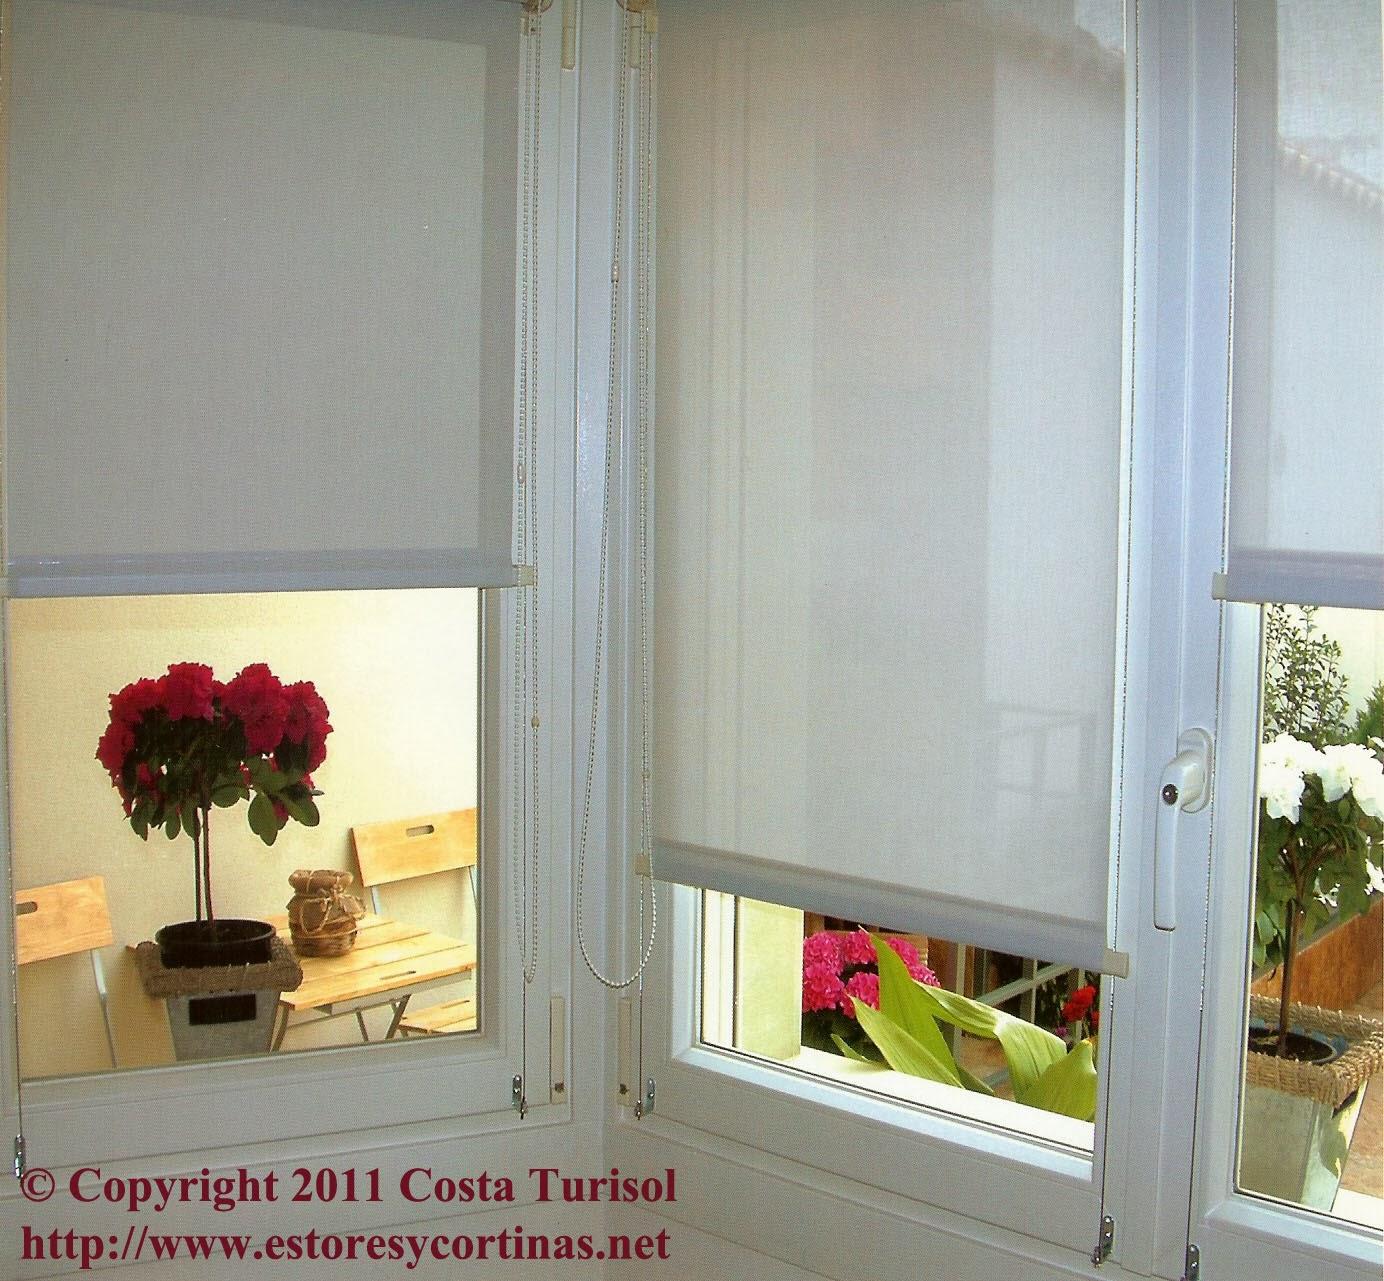 Decoracion interior cortinas verticales estores - Imagenes de estores ...